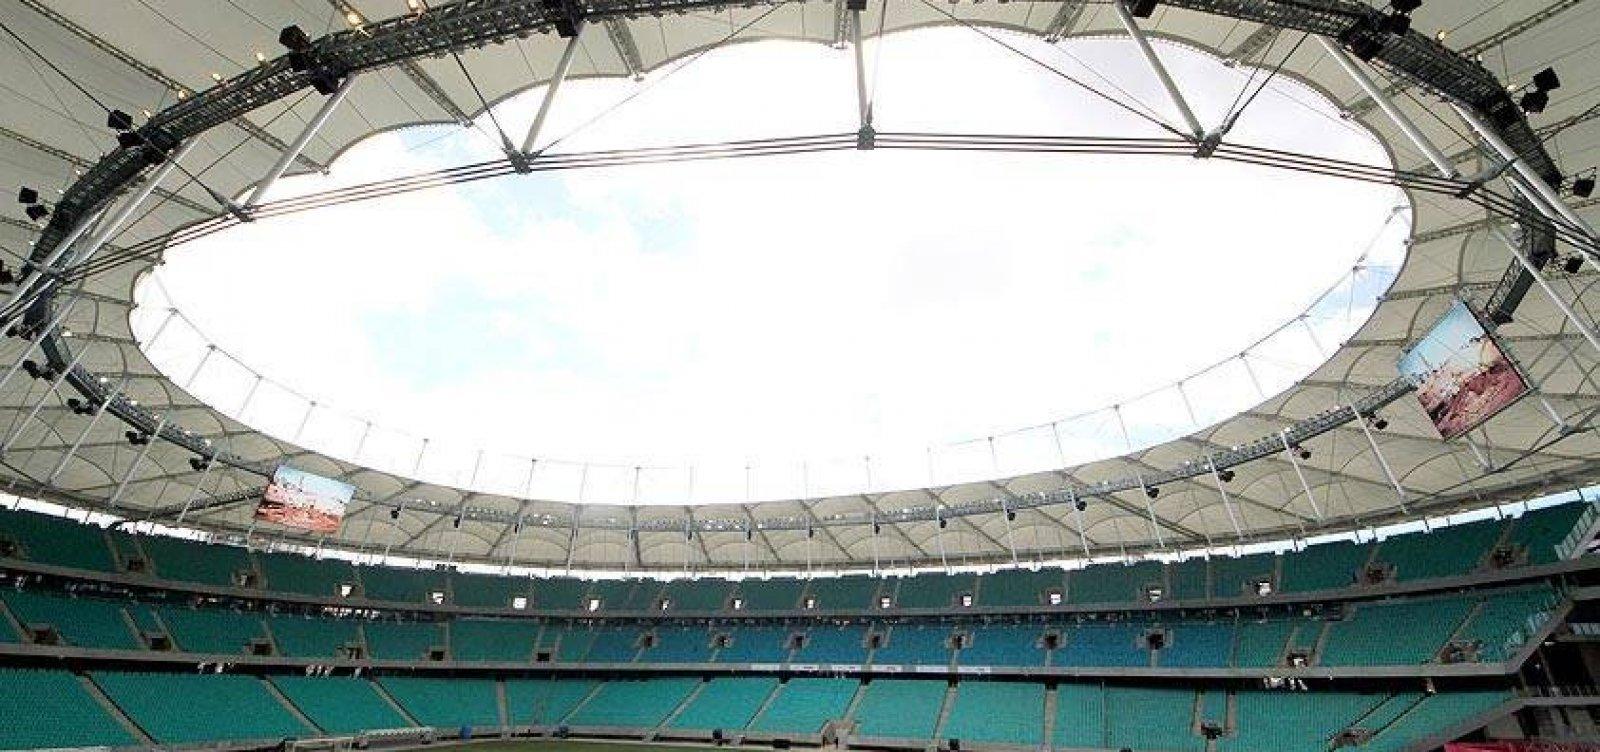 Tour na Fonte: conheça a nova Arena Fonte Nova e também passei pela história do estádio